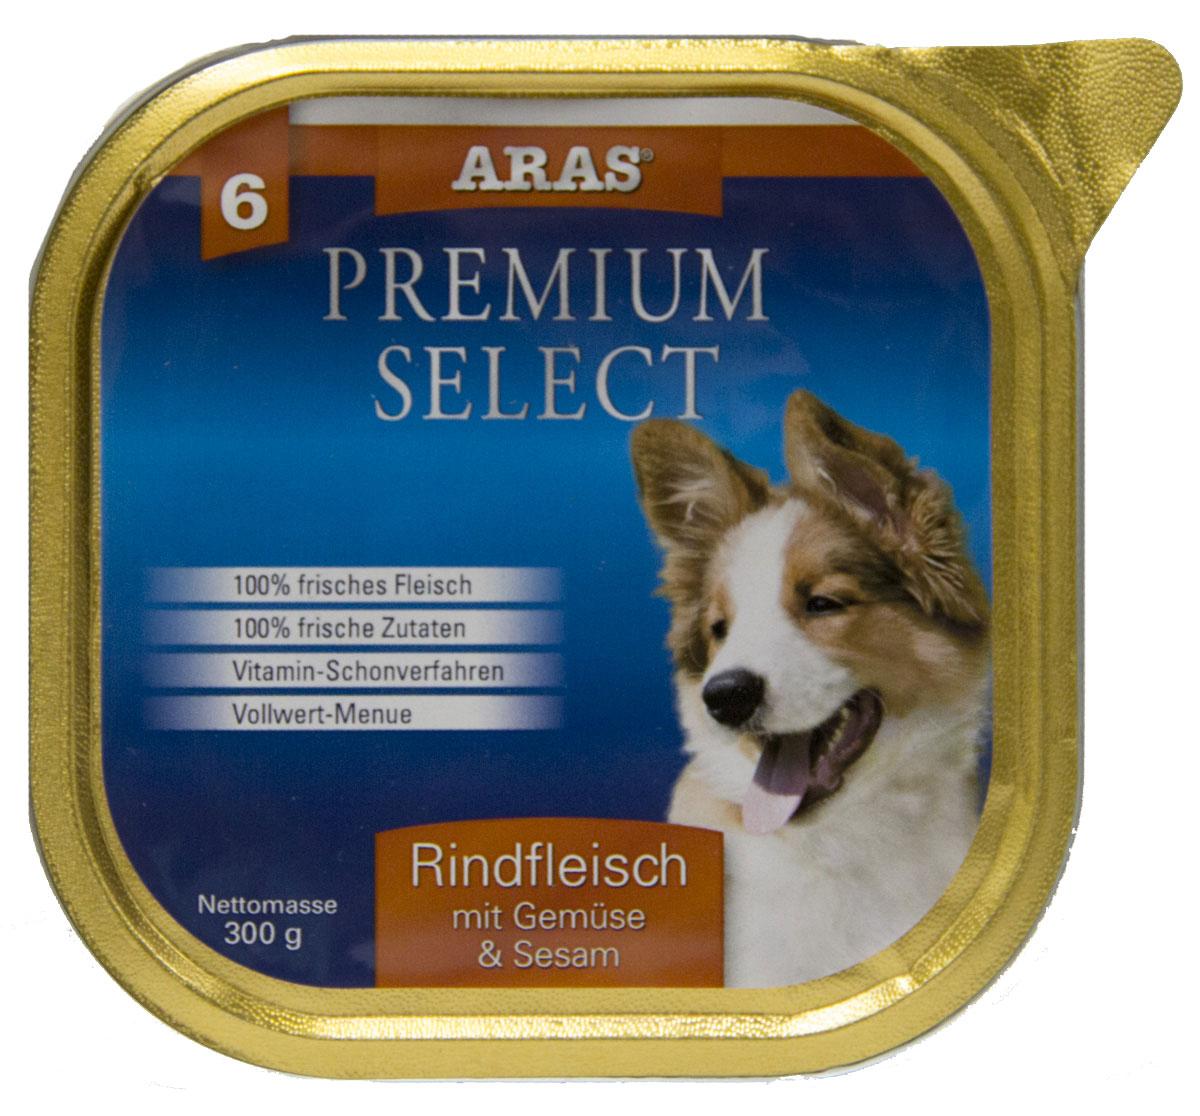 Консервы Aras Premium Select, для собак, с говядиной, овощами и кунжутом, 195 г101206Повседневный консервированный корм для собак всех пород и всех возрастов. Корм произведен в Германии из продуктов, пригодных в пищу человека по специальной технологии схожей с технологией Sous Vide. Благодаря уникальной технологии, схожей с технологий Souse Vide, при изготовлении сохраняются все натуральные витамины и минералы. Это достигается благодаря бережной обработке всех ингредиентов при температуре менее 80 градусов. Такая бережная обработка продуктов не стерилизует продуктовые компоненты. Благодаря этому корма не нуждаются ни в каких дополнительных вкусовых добавках и сохраняют все необходимые полезные вещества. При производстве кормов используются исключительно свежие натуральные продукты: мясо, овощи и зерновые; Приготовлено из 100% свежего мяса, пригодного в пищу человеку; Содержит натуральные витамины, аминокислоты, минеральные вещества и микроэлементы; С экстрактом масла зародышей зерна пшеницы холодного отжима (Bio-Dura); Без химических...